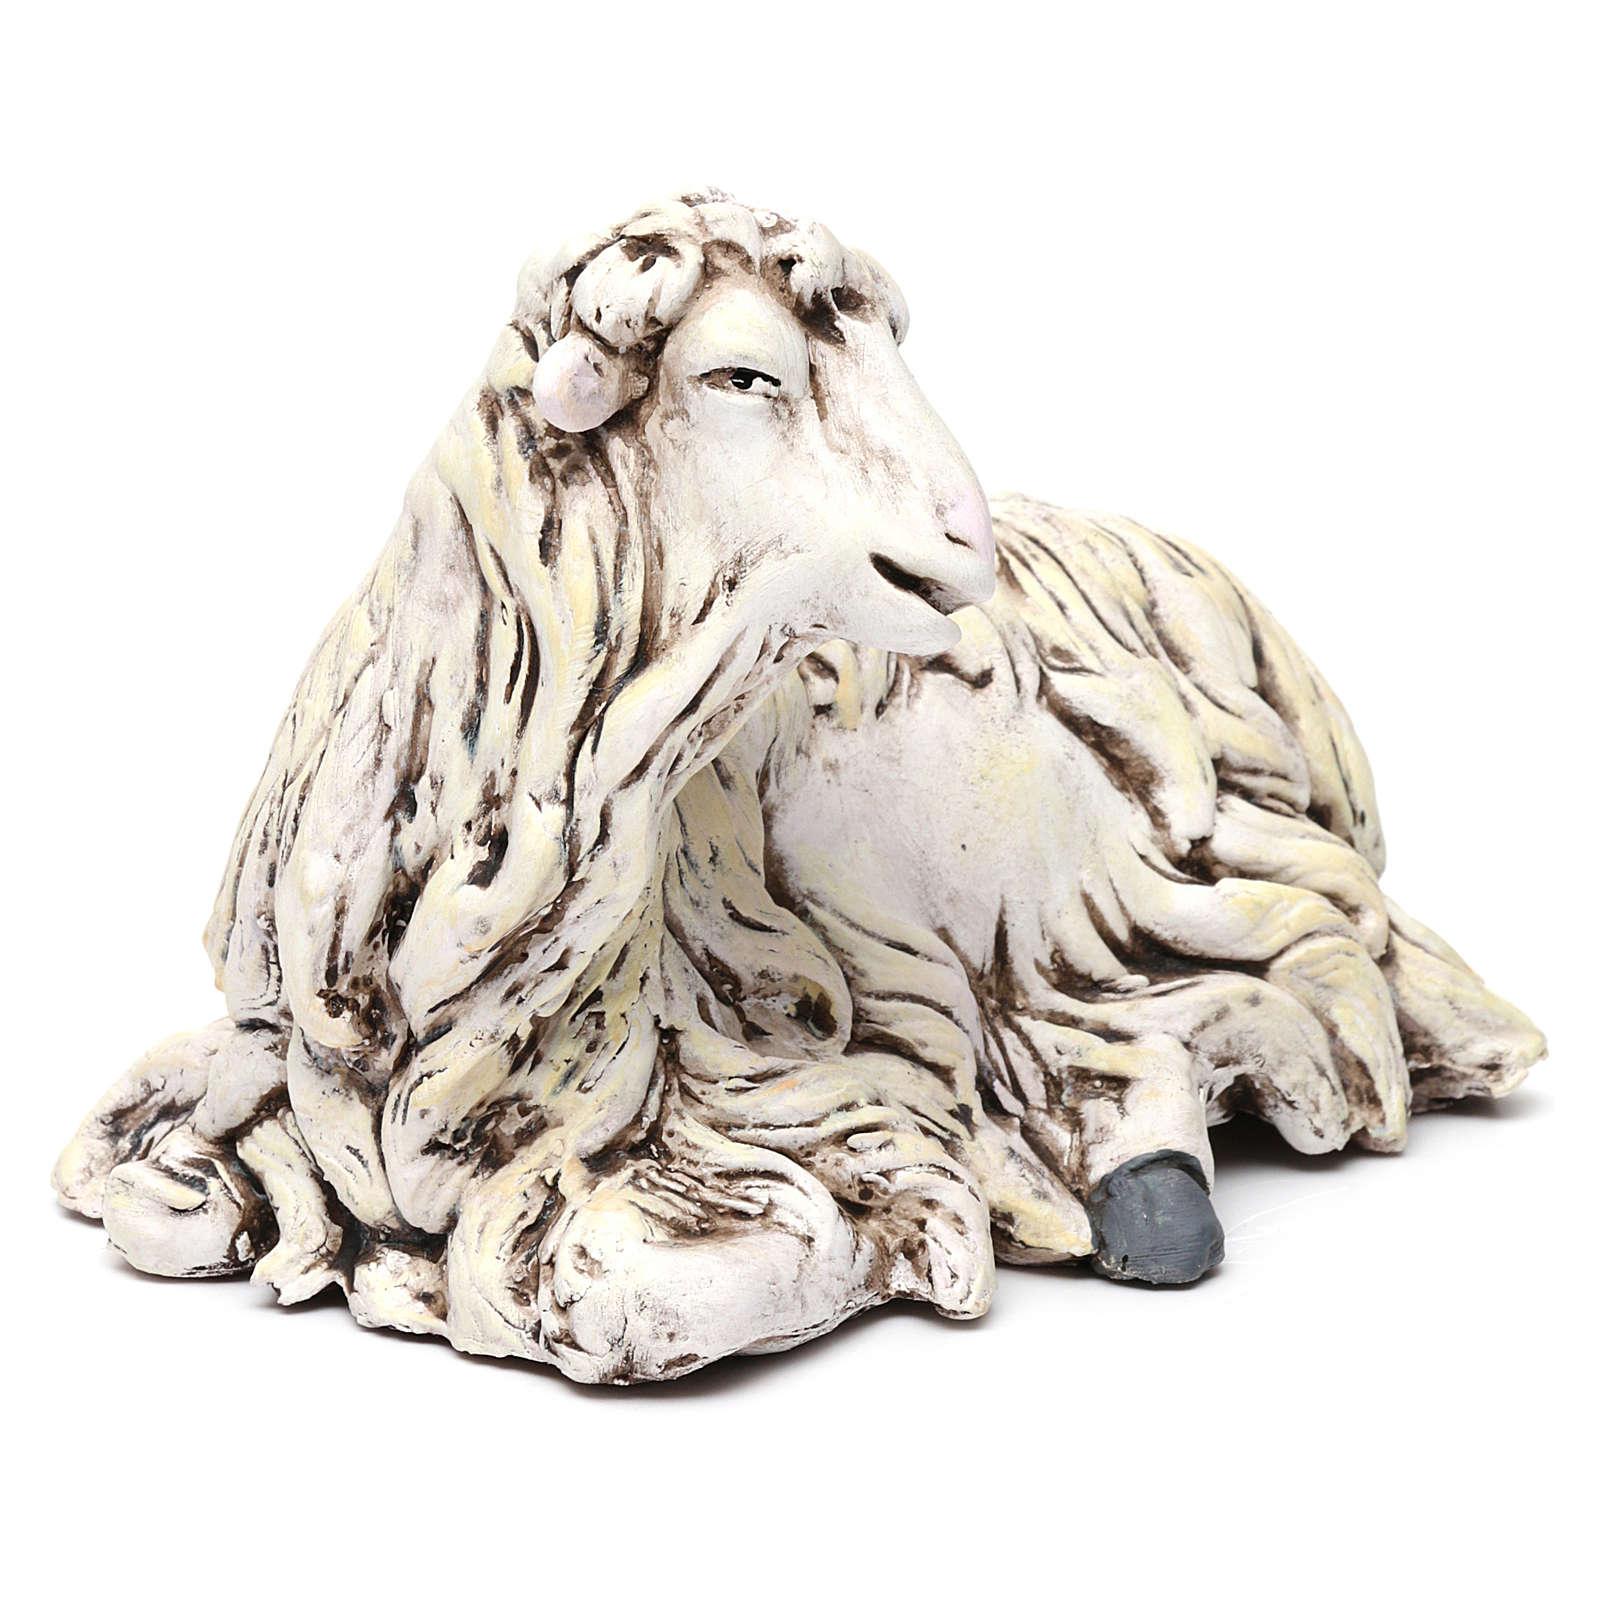 Pecorella rivolta a sinistra in terracotta per presepe Napoli stile 700 di 35 cm 4